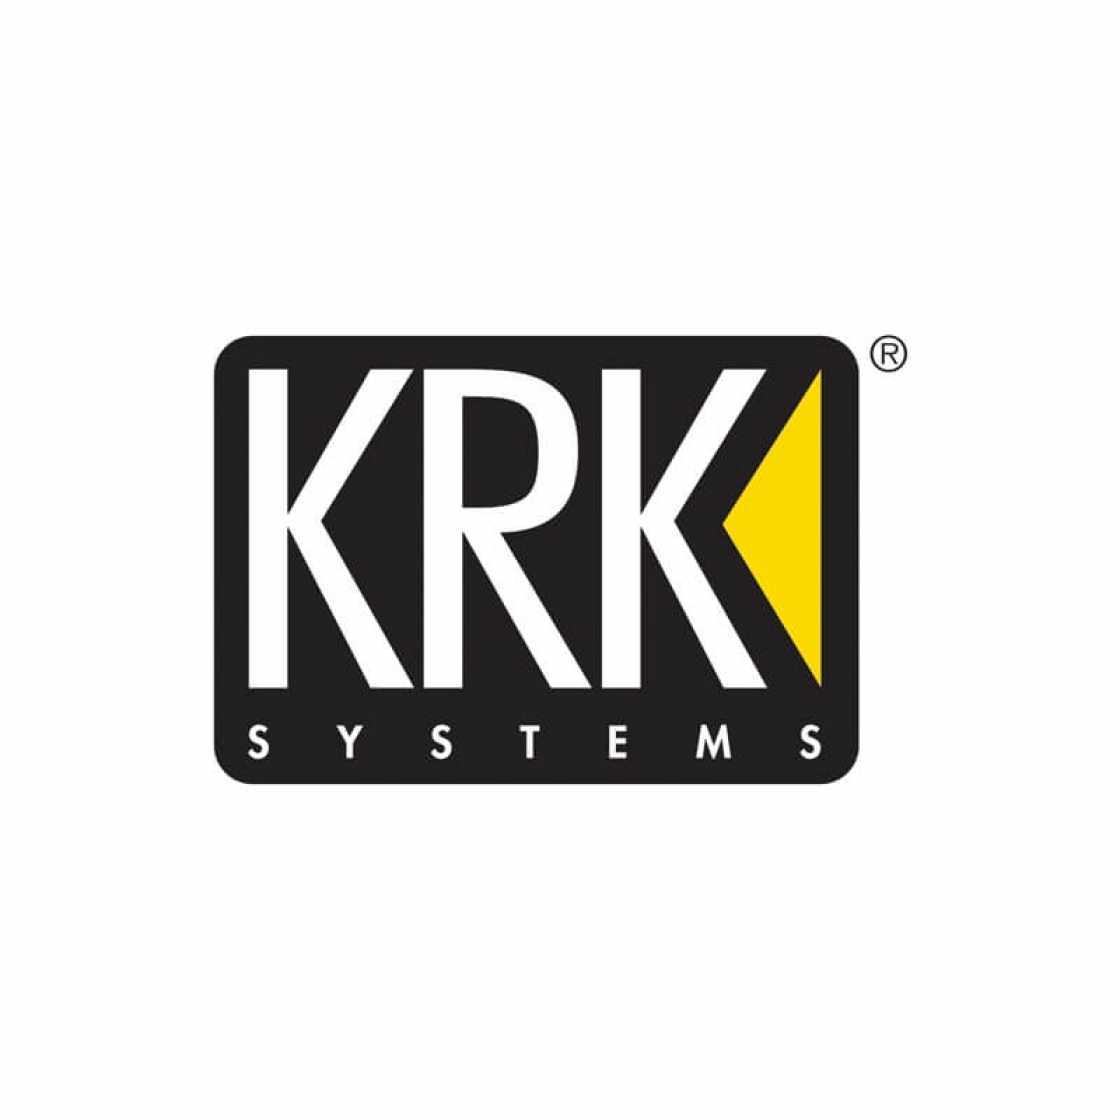 KRK Studio speakers